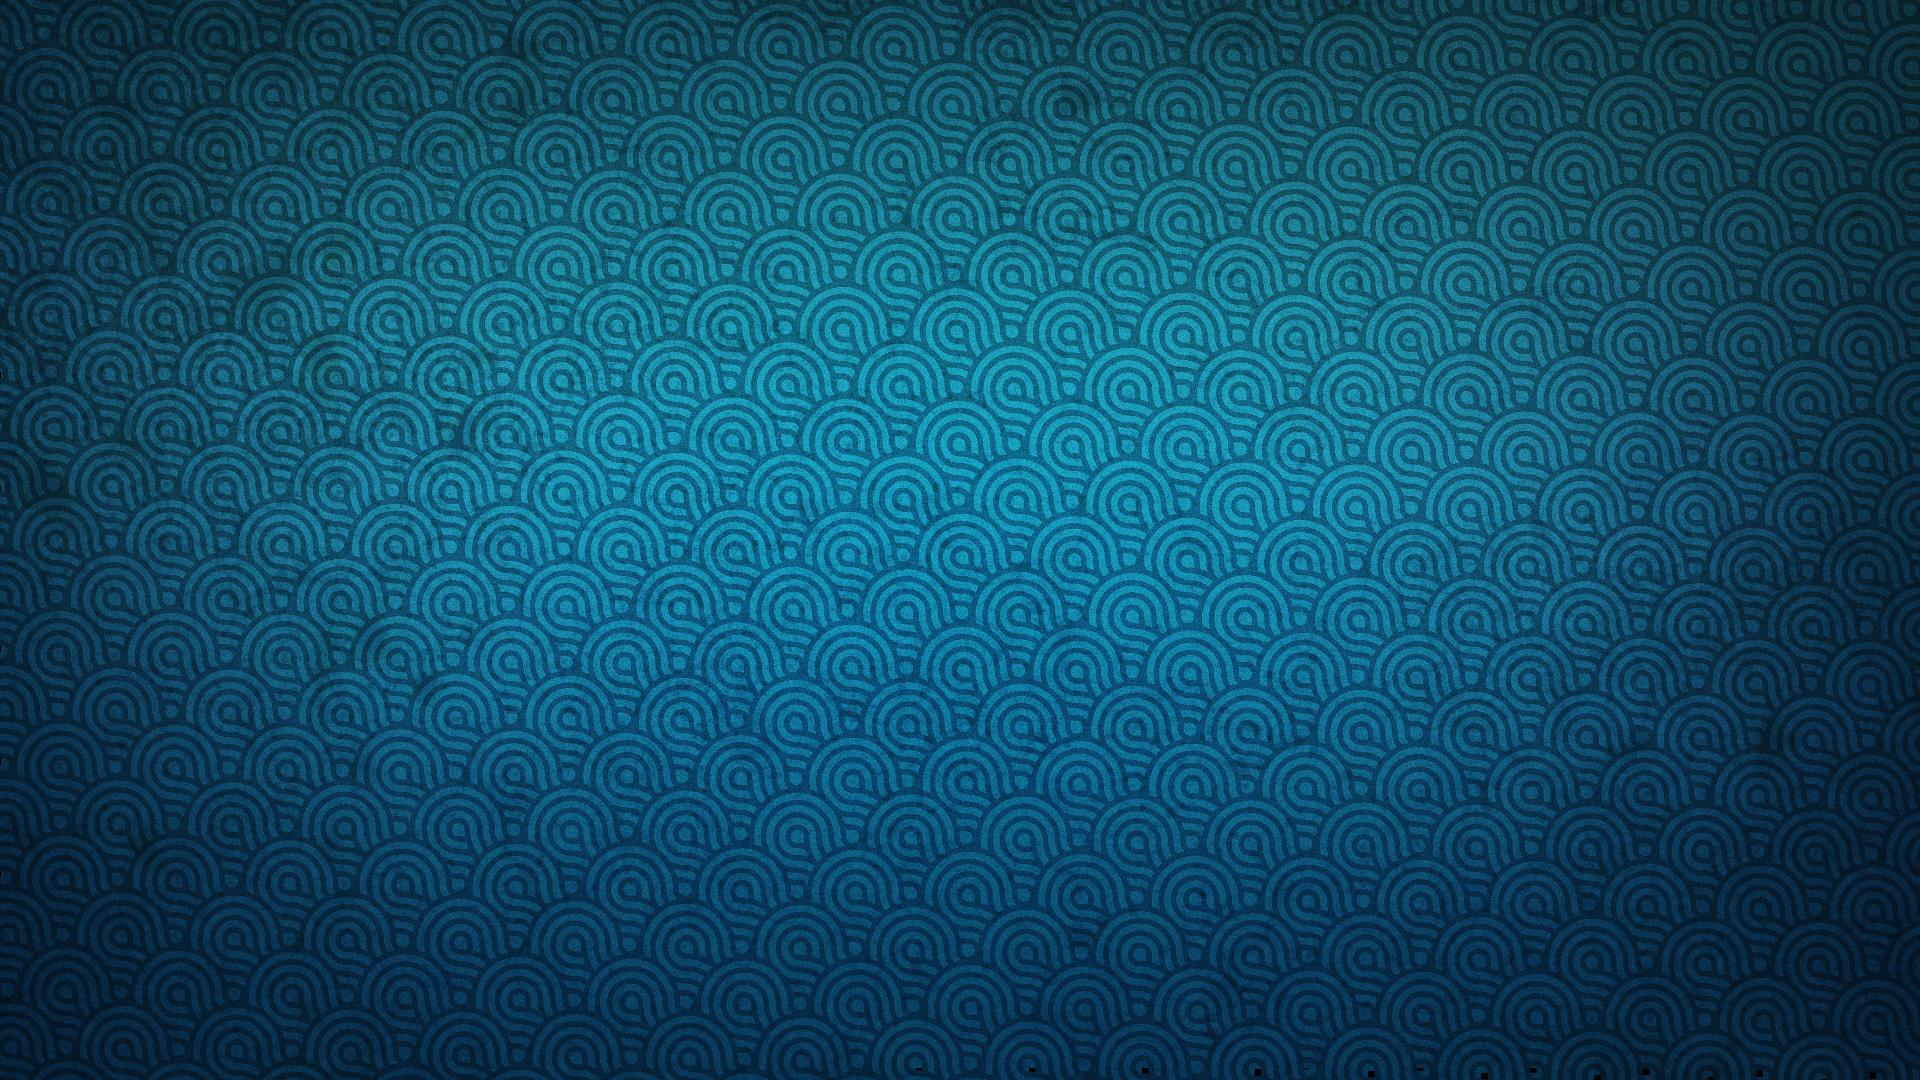 Index of /images/backgrounds/elegant